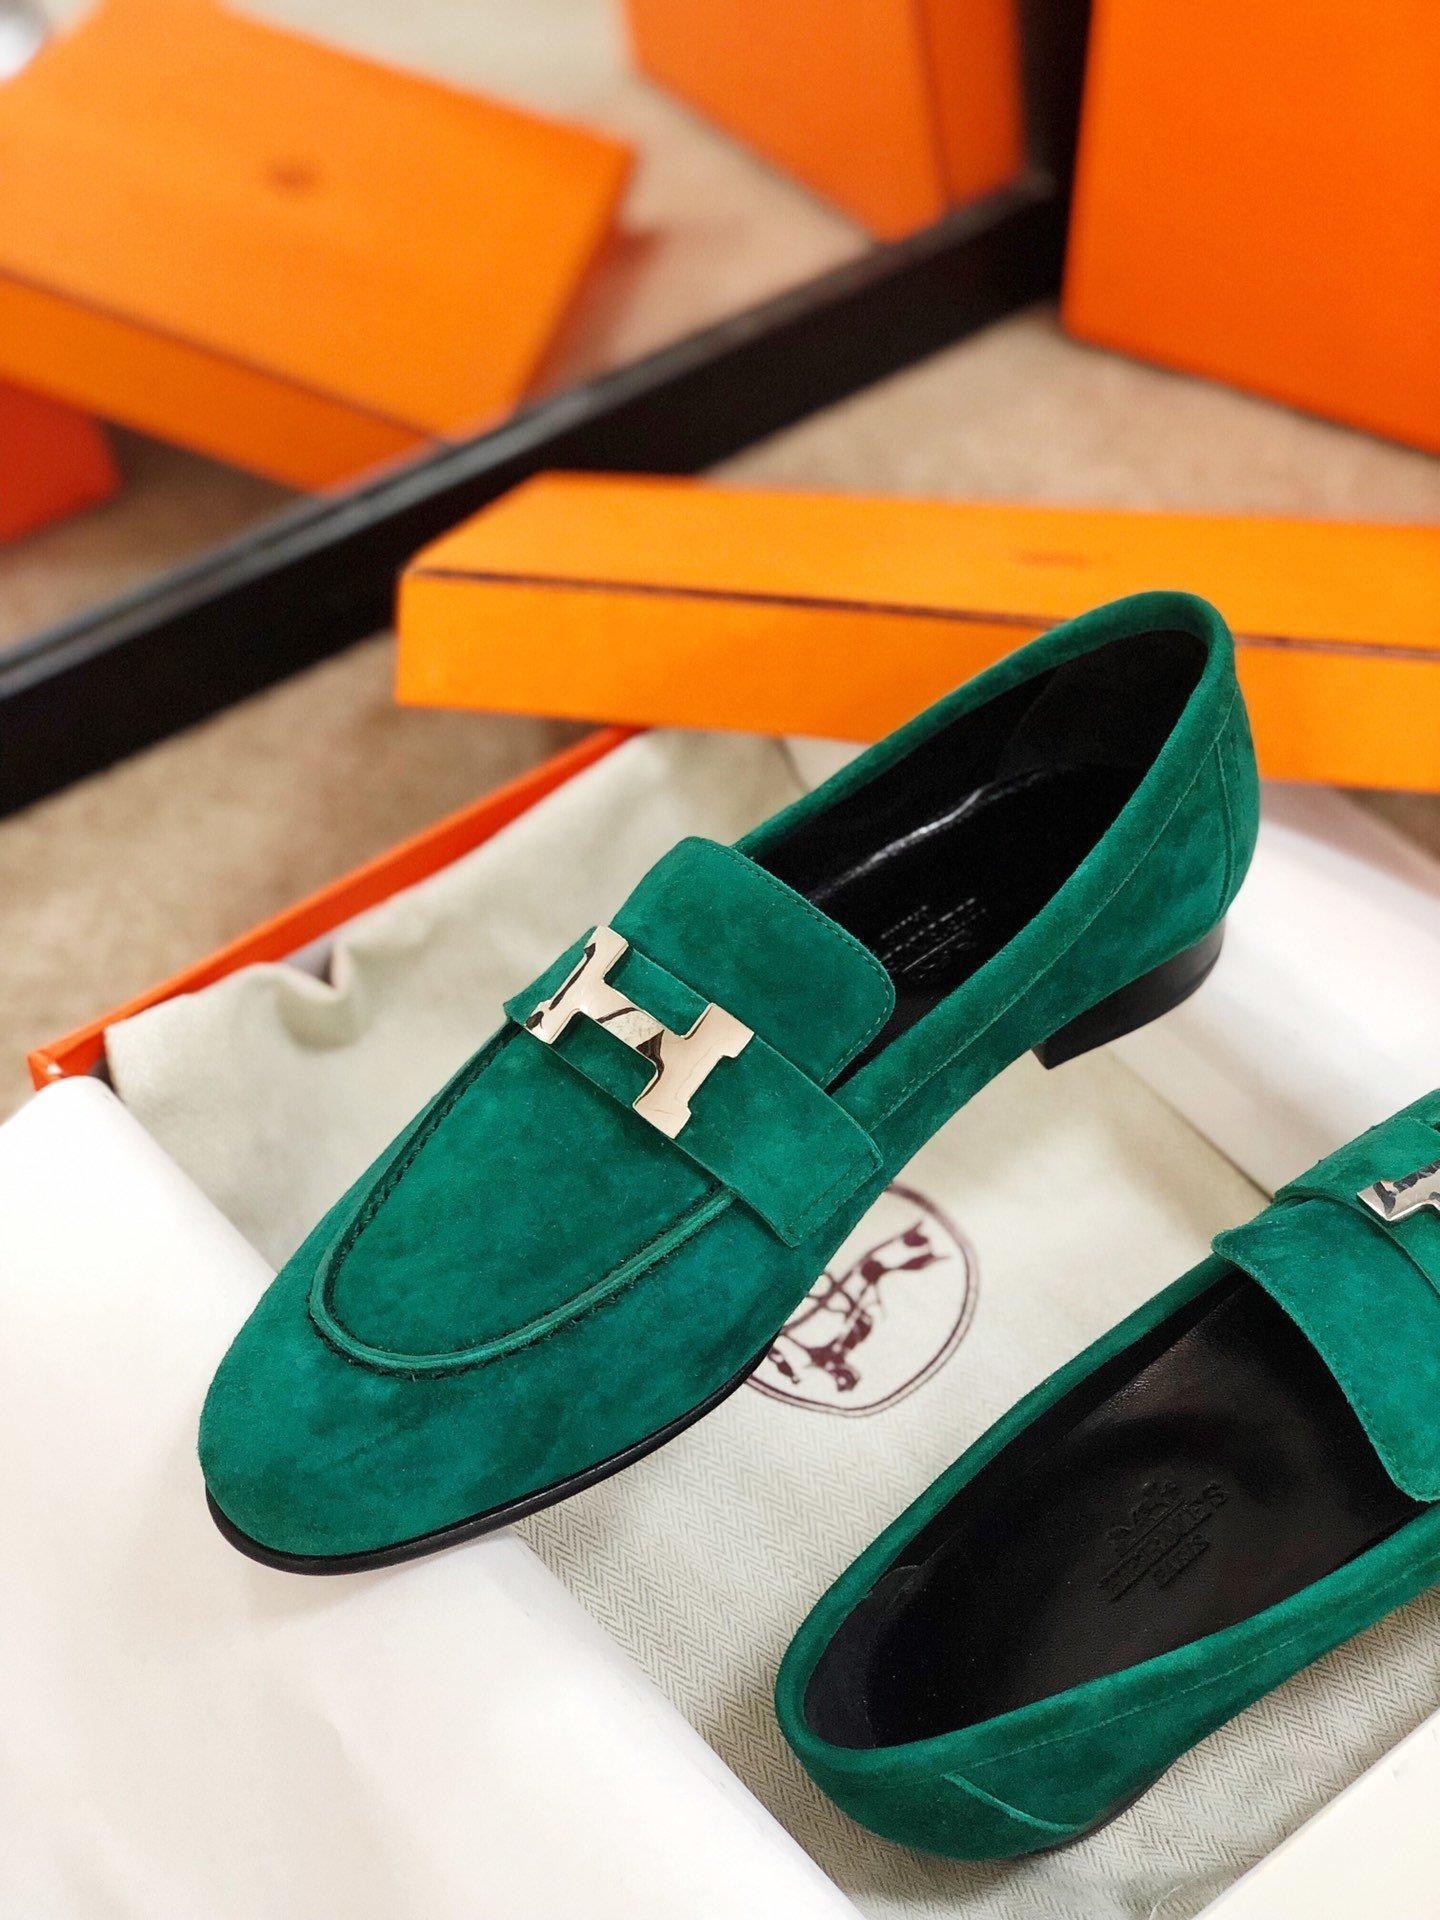 LH16 Sınırlı sayıda özel H kadınların gündelik ayakkabı, zarif Aşk ayakkabı moda spor ayakkabılar, orijinal ambalaj ayakkabı kutusu teslimat, boyut: